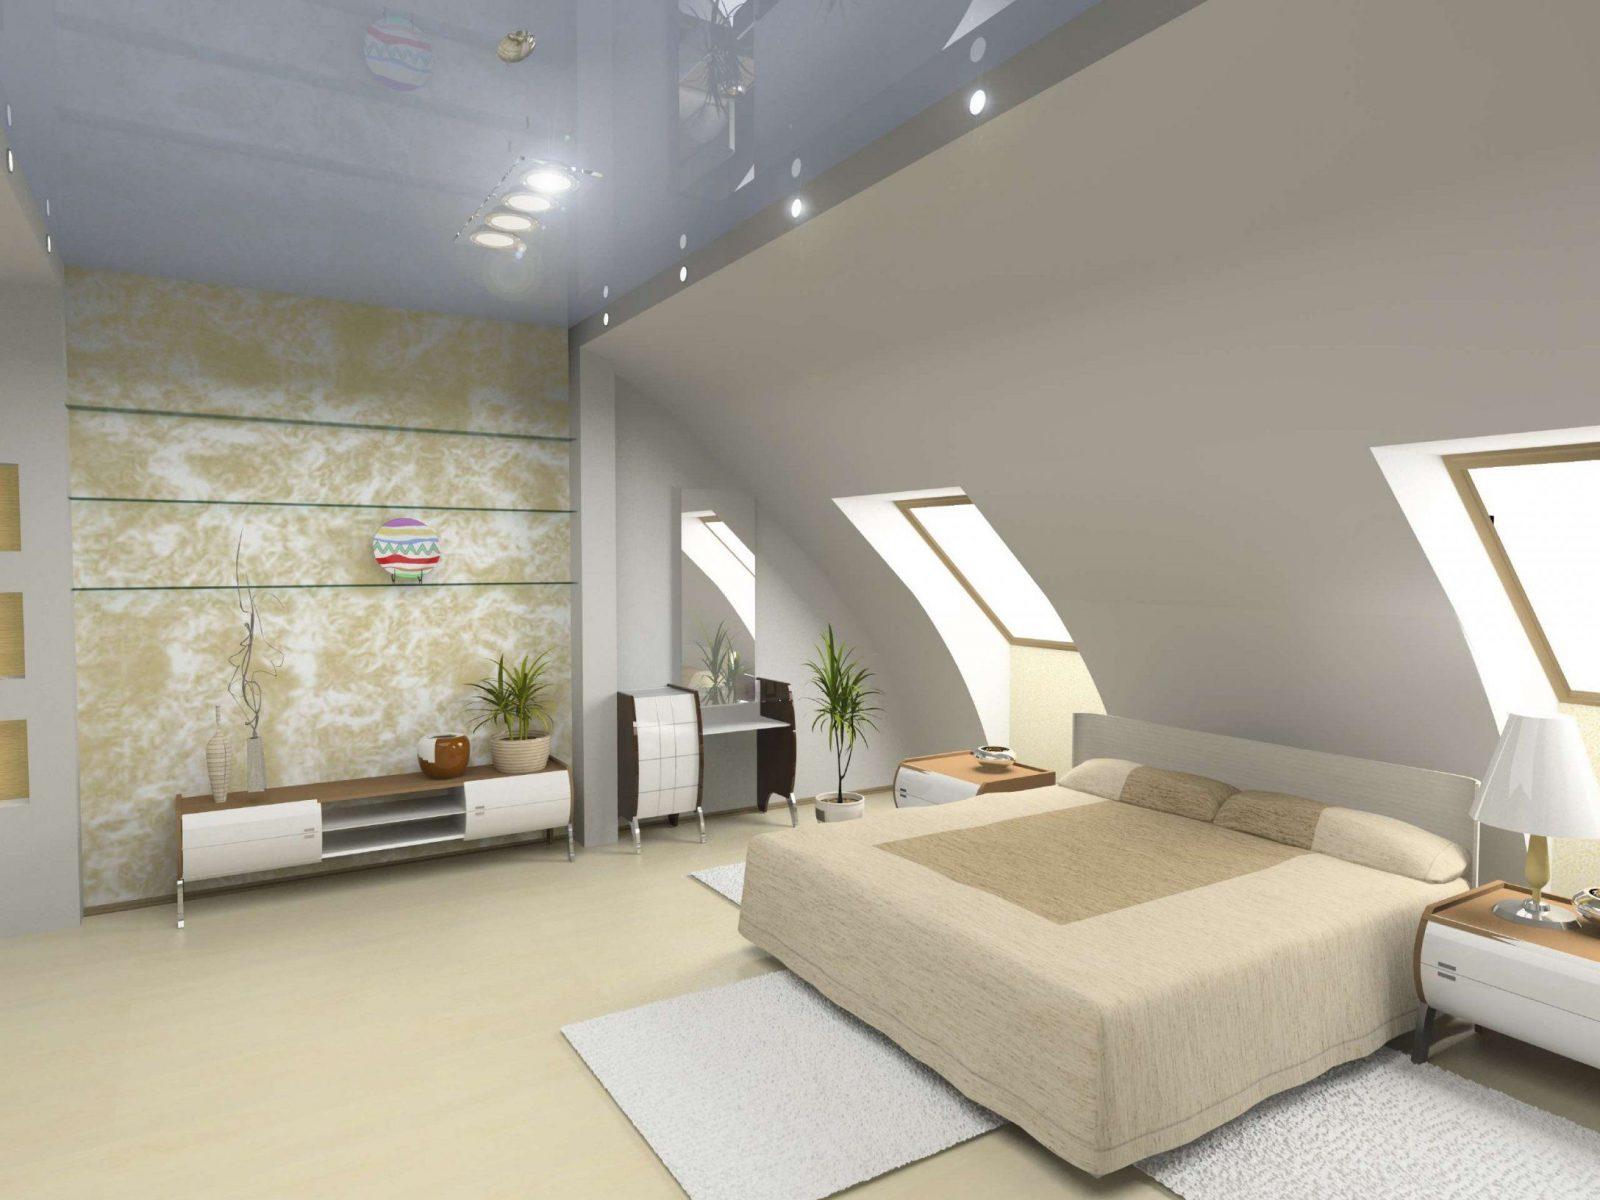 Wohnzimmer Mit Dachschräge Und Interessante Wandgestaltung: Zimmer Mit Dachschrägen Tapezieren